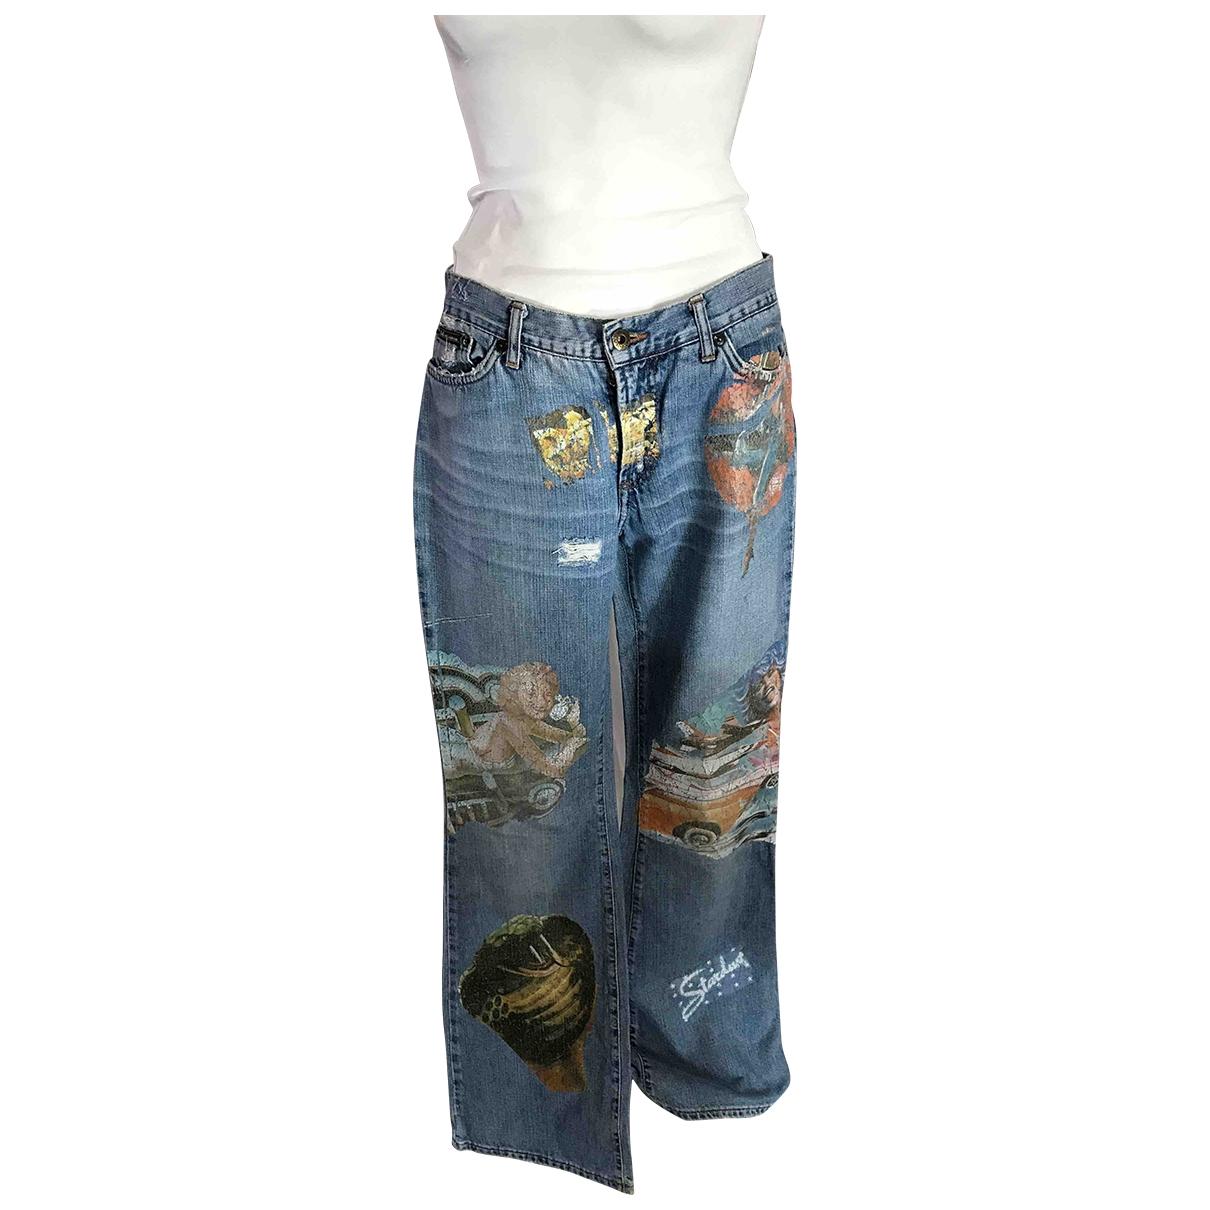 D&g \N Denim - Jeans Trousers for Women 44 IT